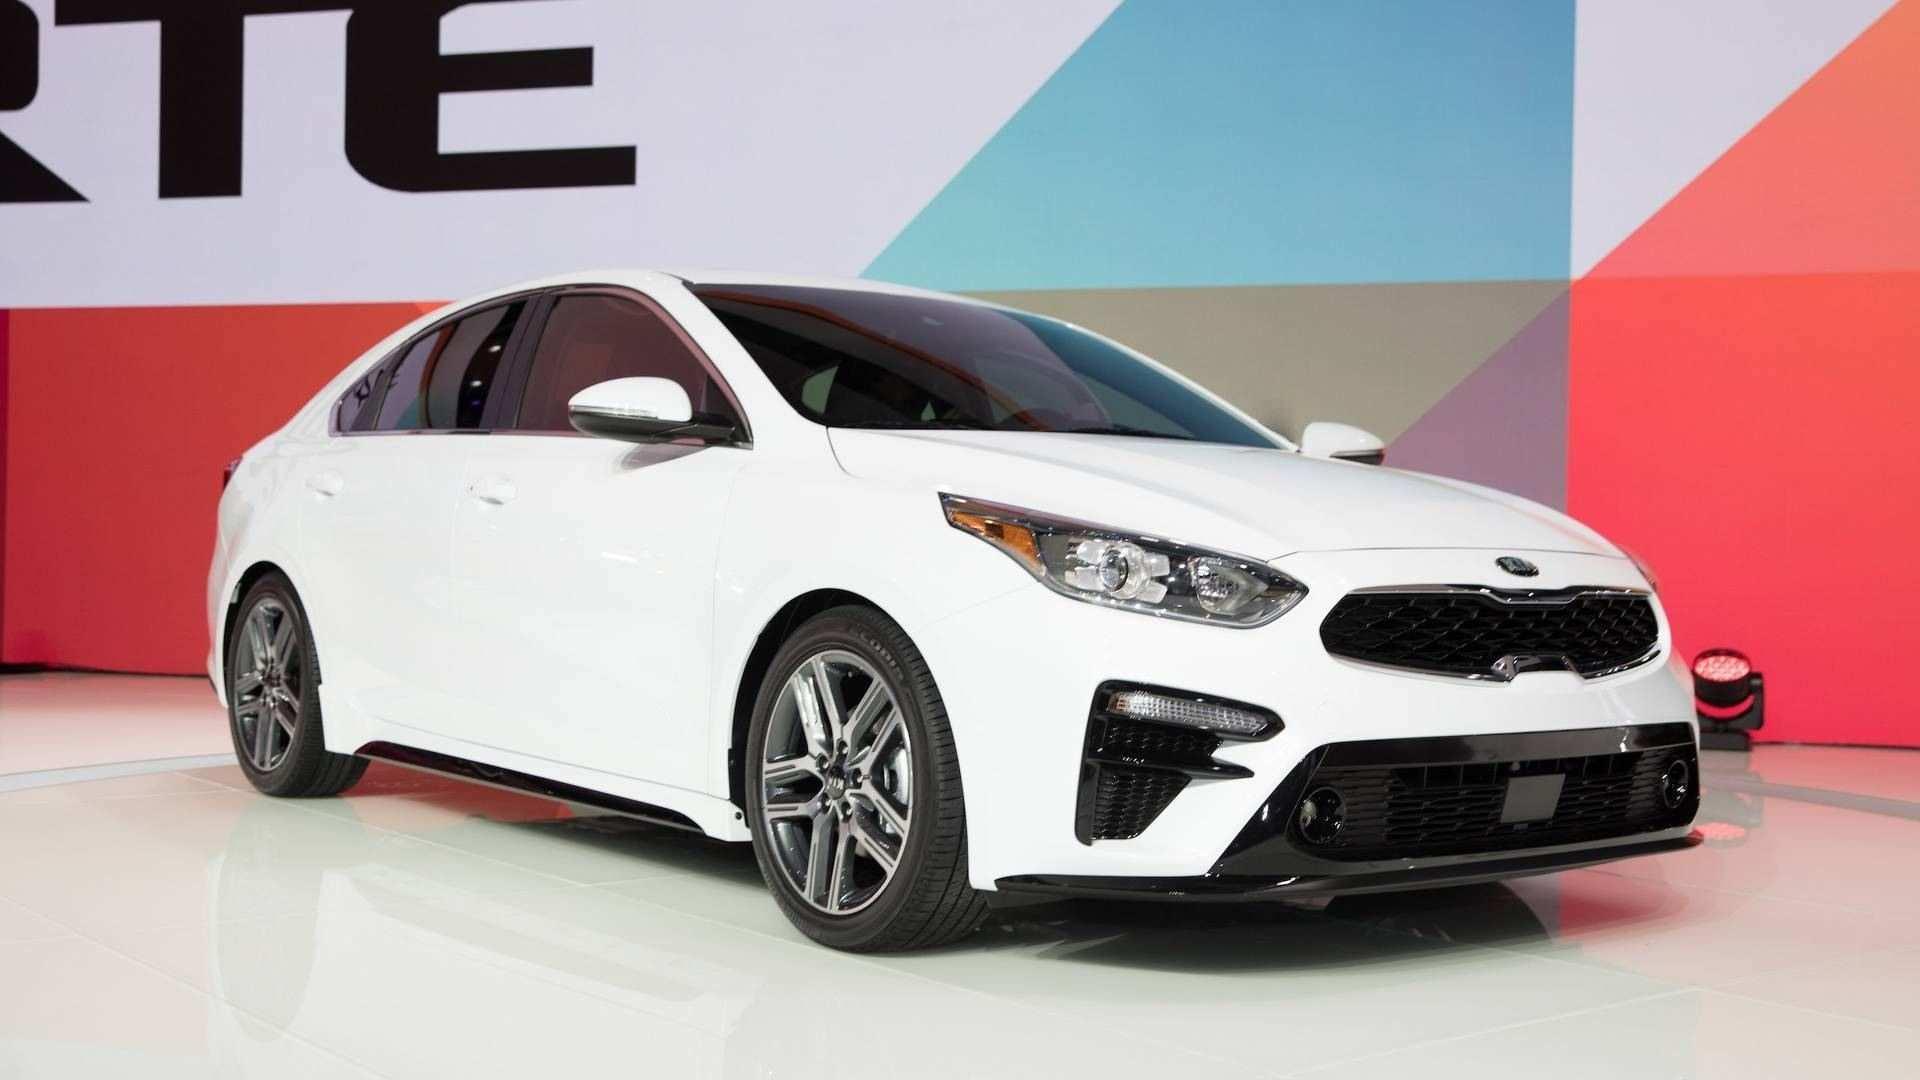 30 Concept of Xe Kia 2020 Reviews for Xe Kia 2020